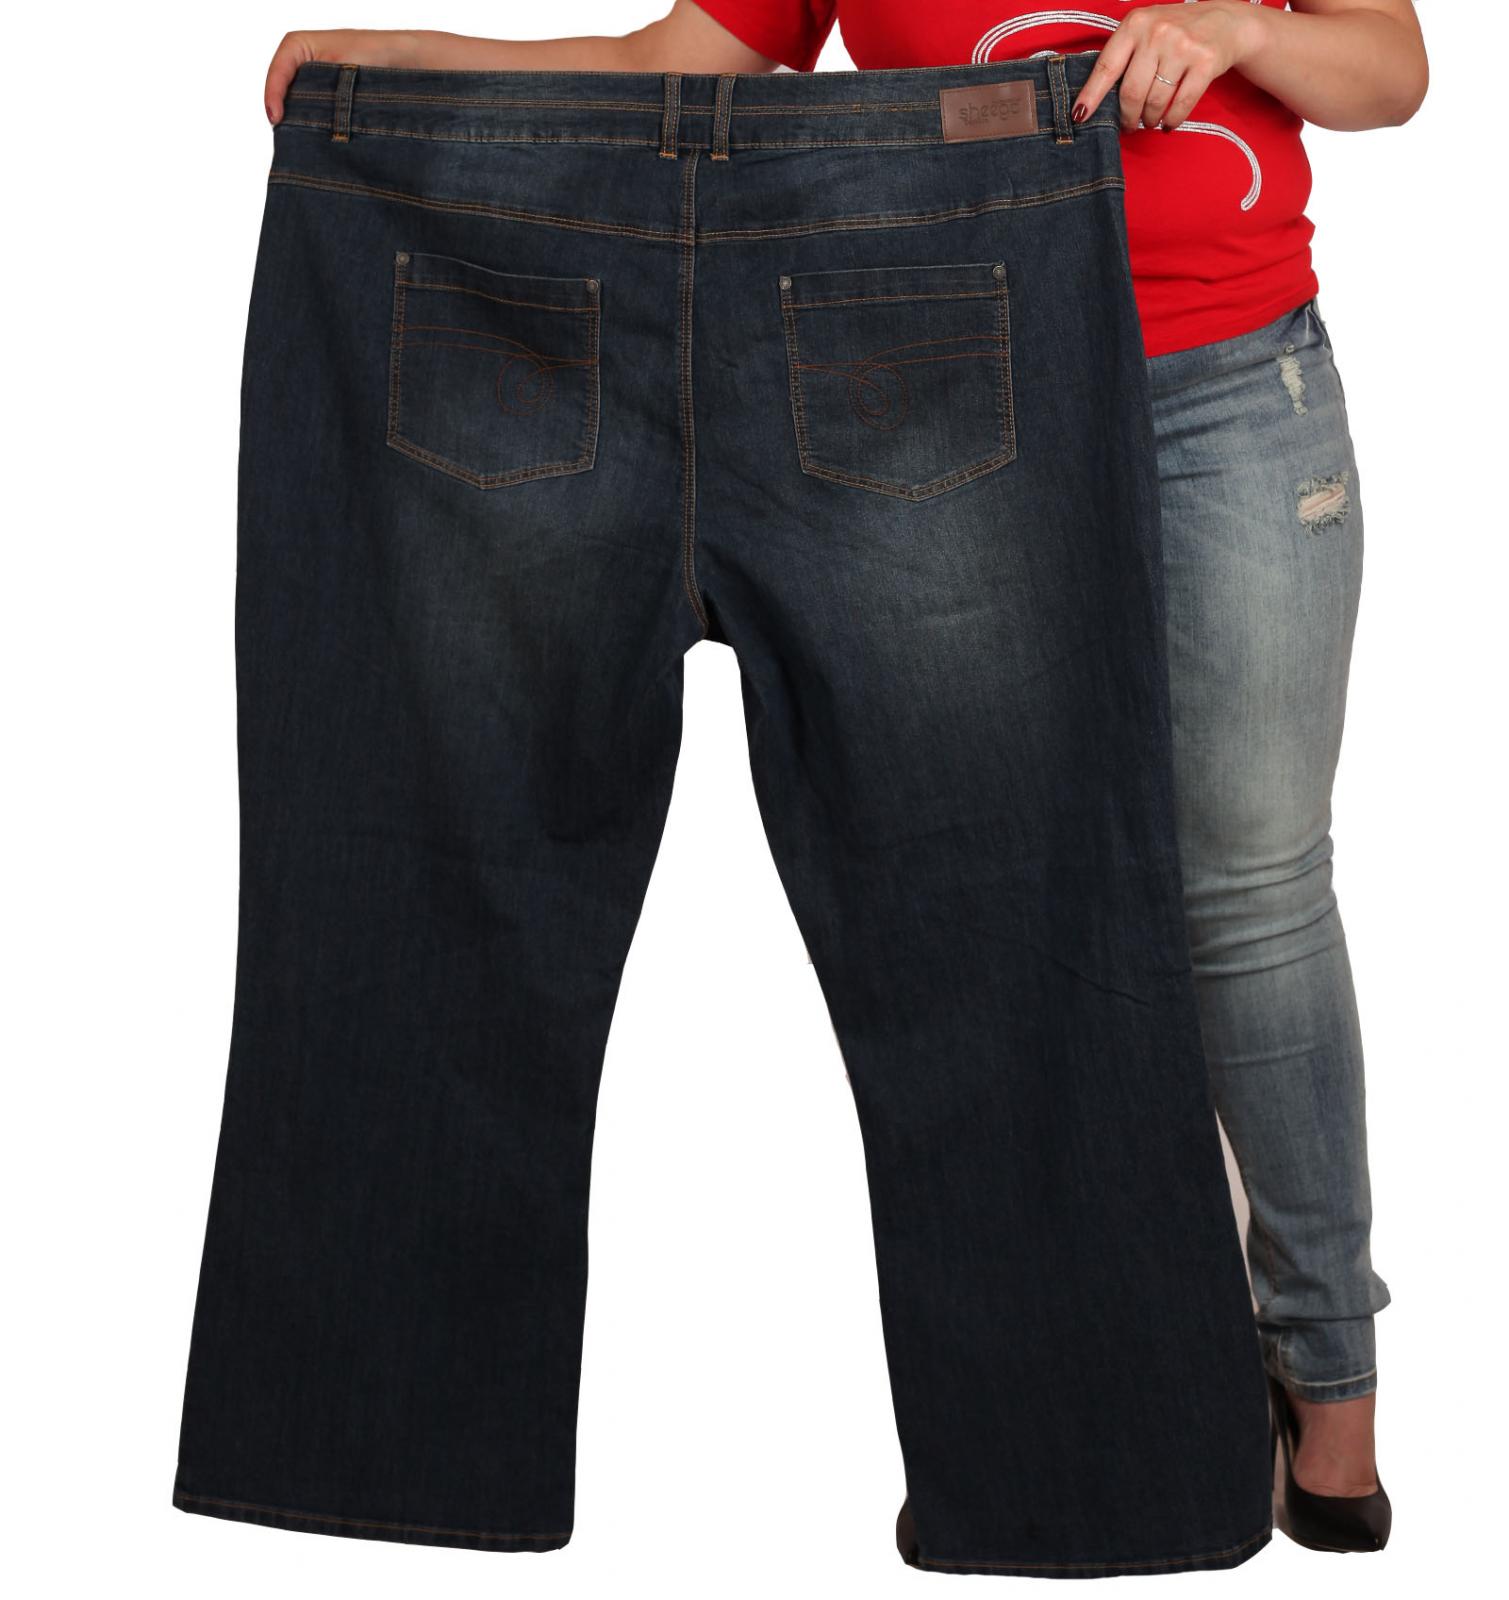 Купить в интернет магазине Военпро джинсы больших размеров